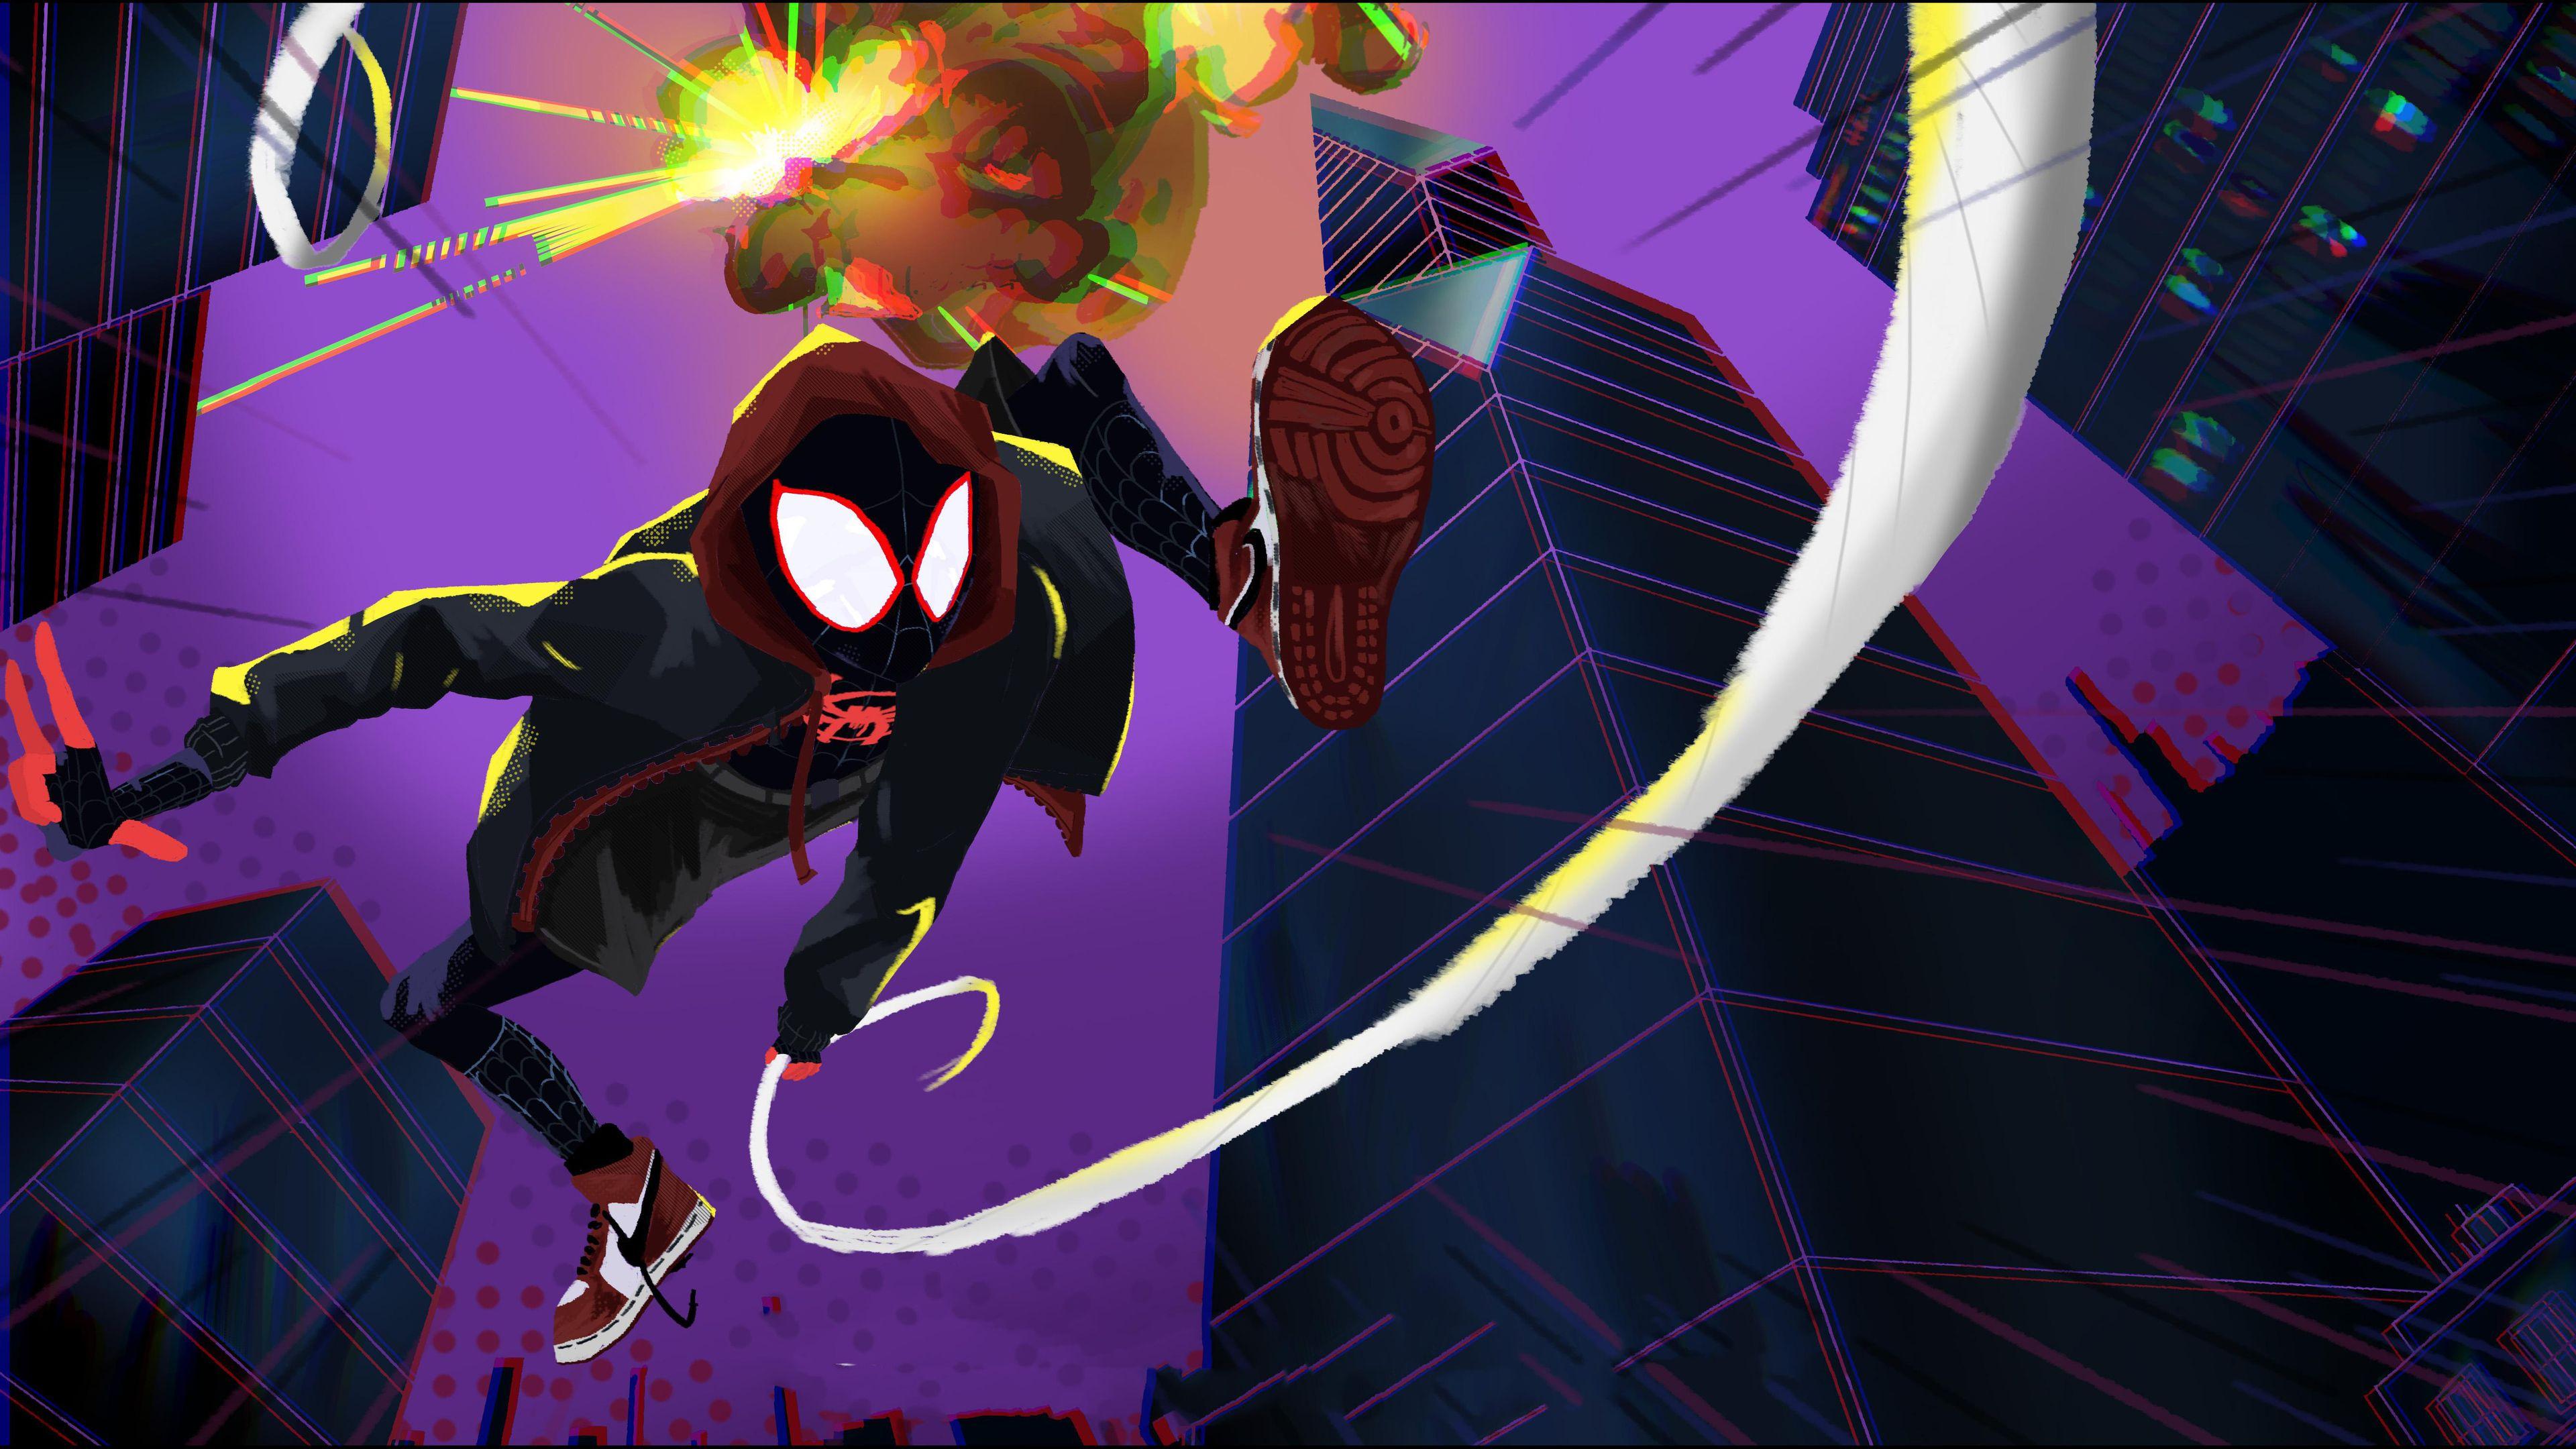 Spiderman Miles Morales Art 4k Superheroes Wallpapers Spiderman Wallpapers Spiderman Into The Spider Verse Wallpapers Spiderman Marvel Wallpaper Spider Verse